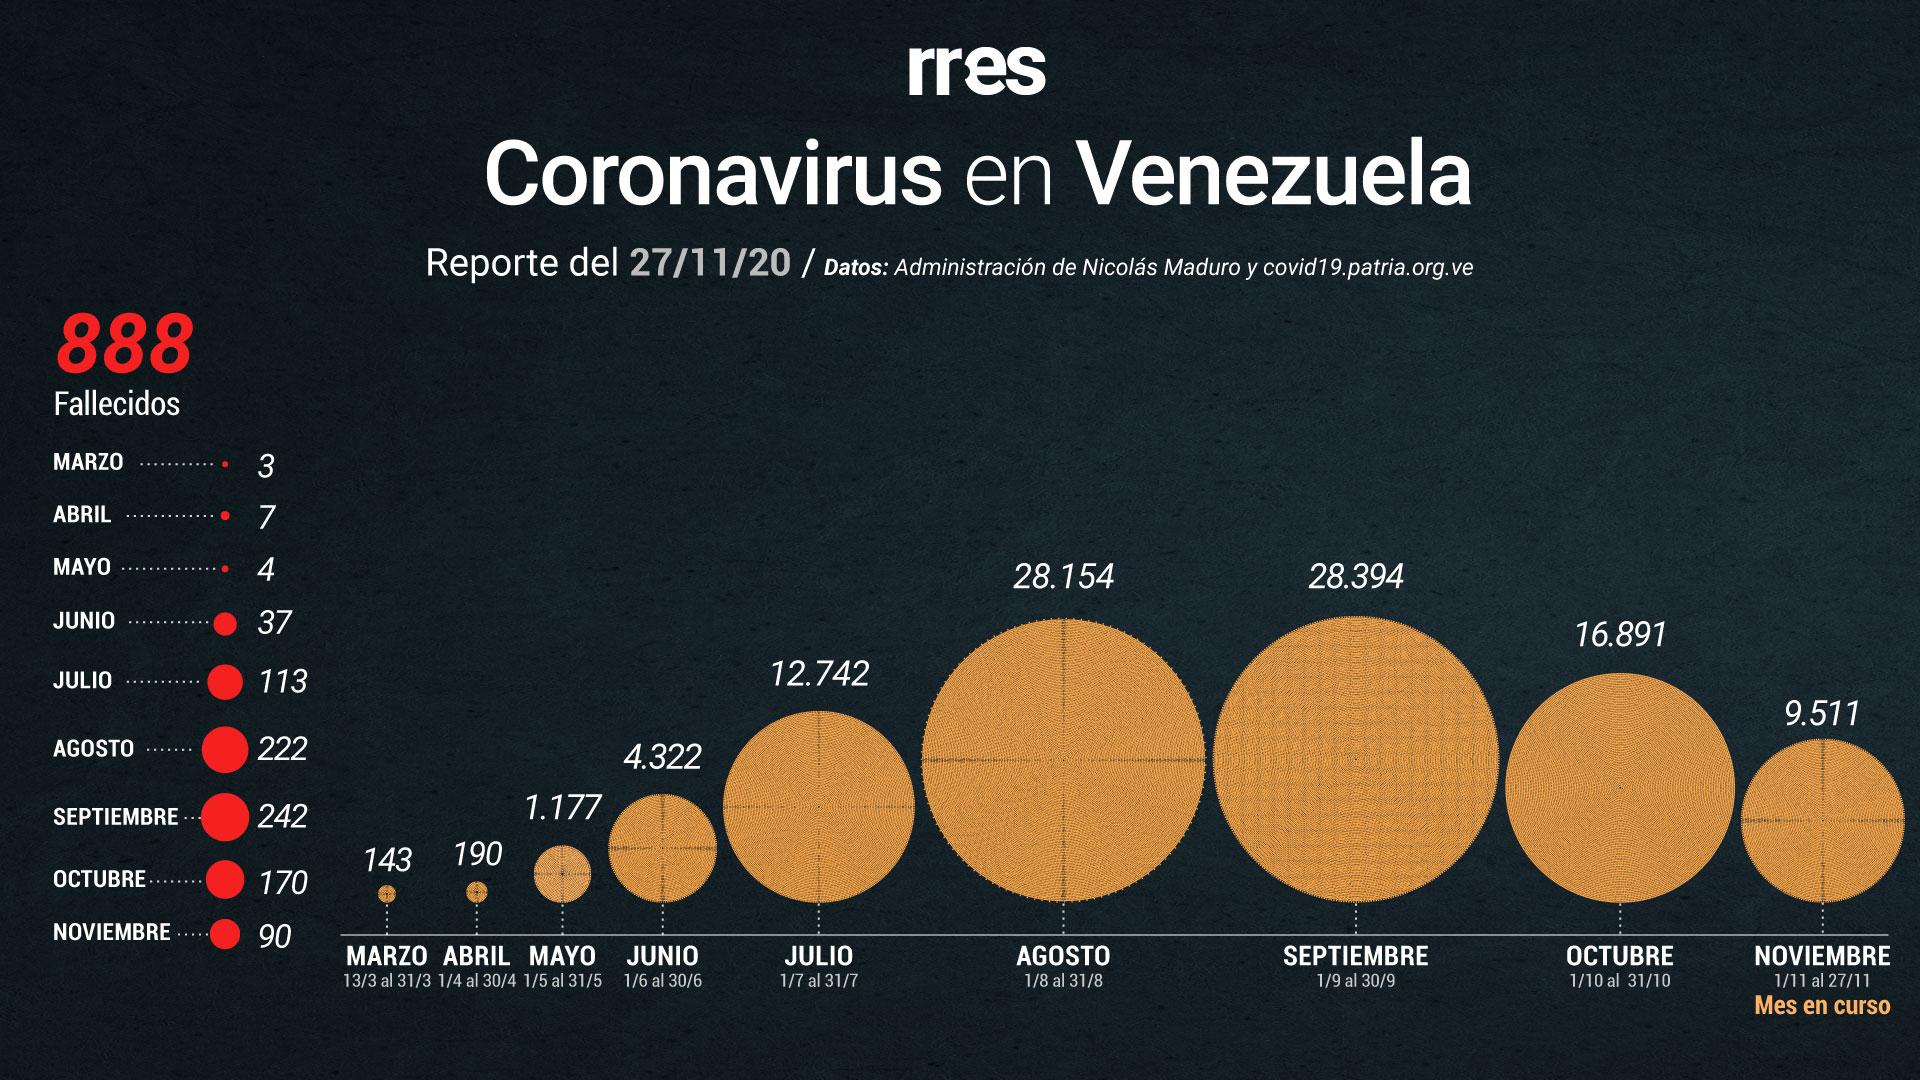 Venezuela suma otros 4 fallecimientos por COVID-19 y 309 nuevos casos este #27Nov